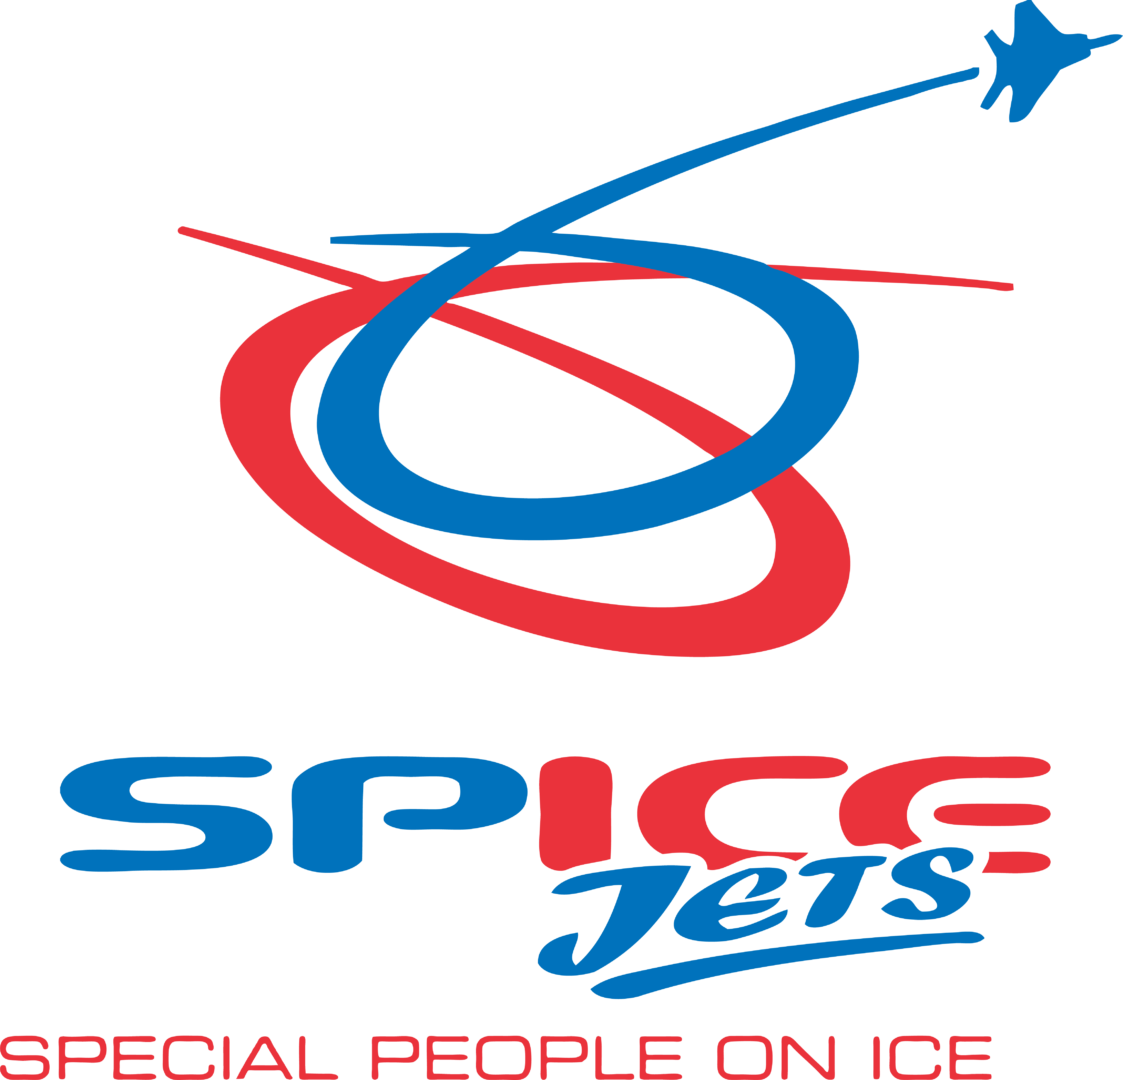 Spice Jets